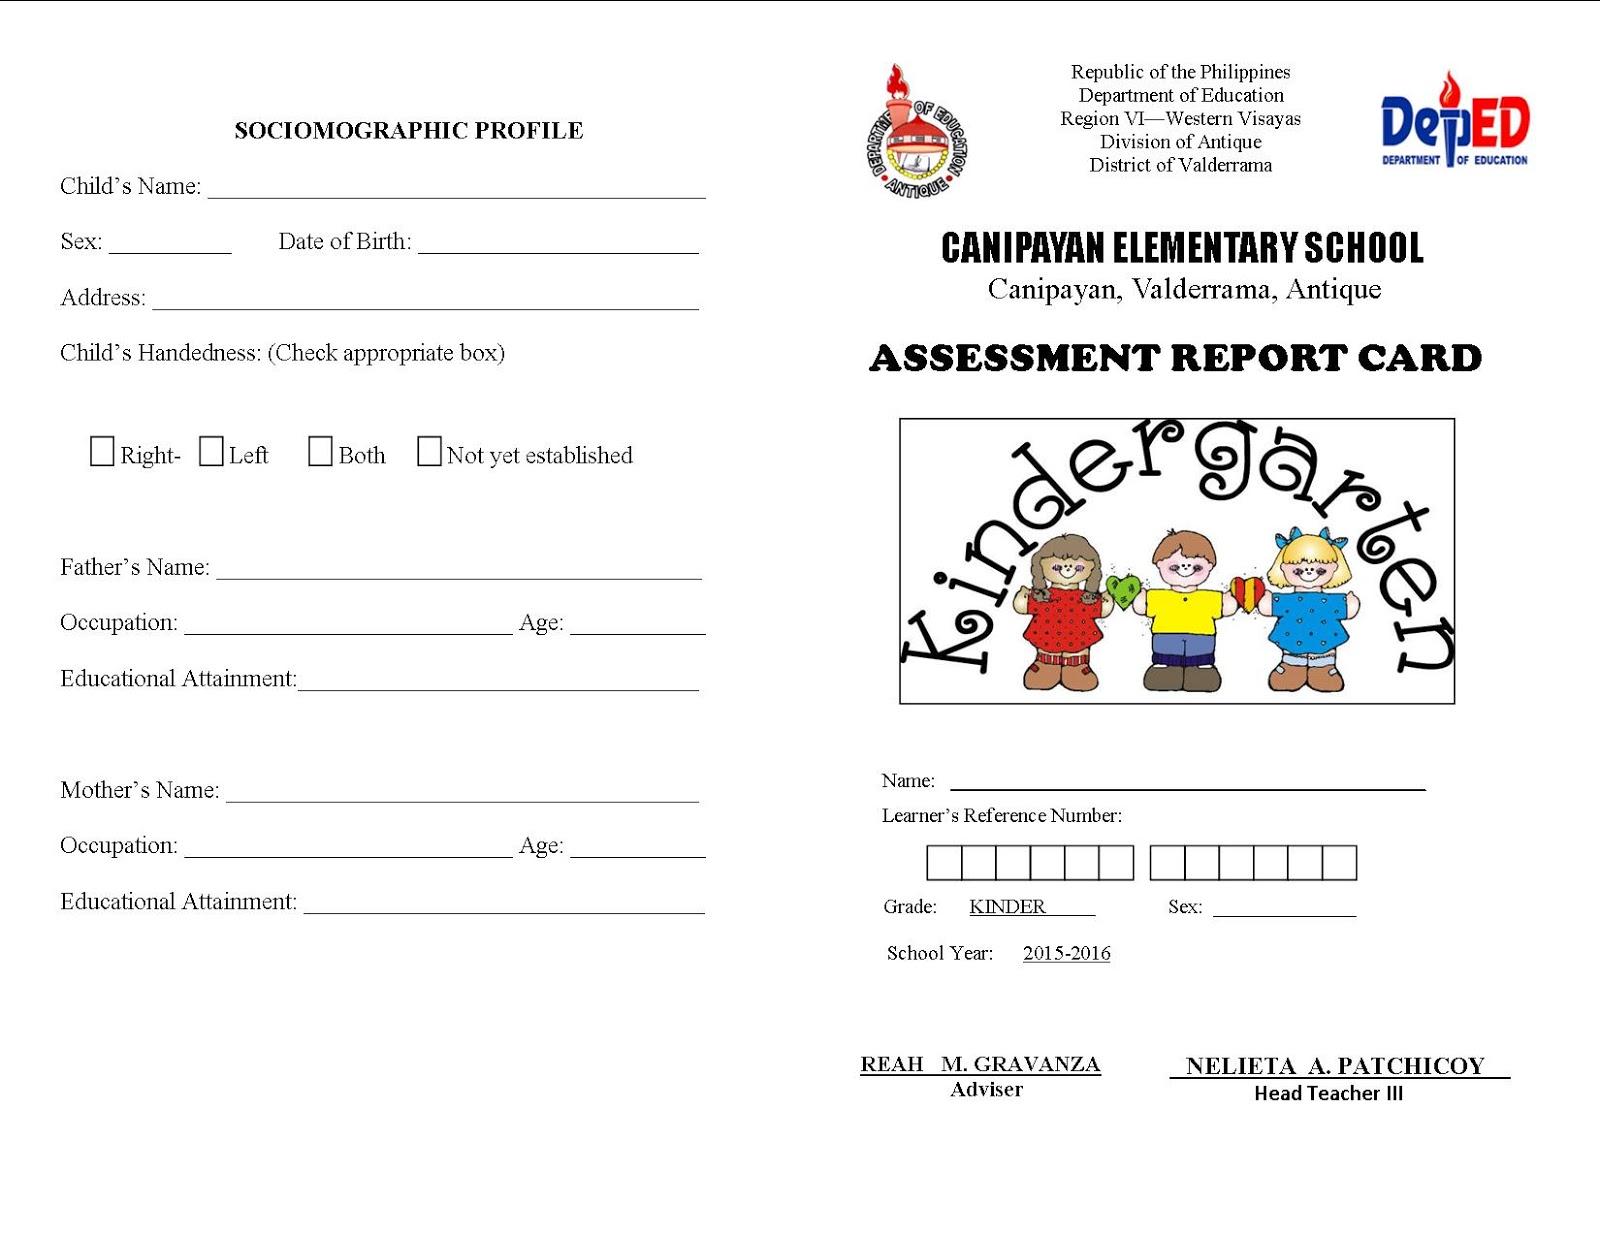 Kinder Assessment Report Card